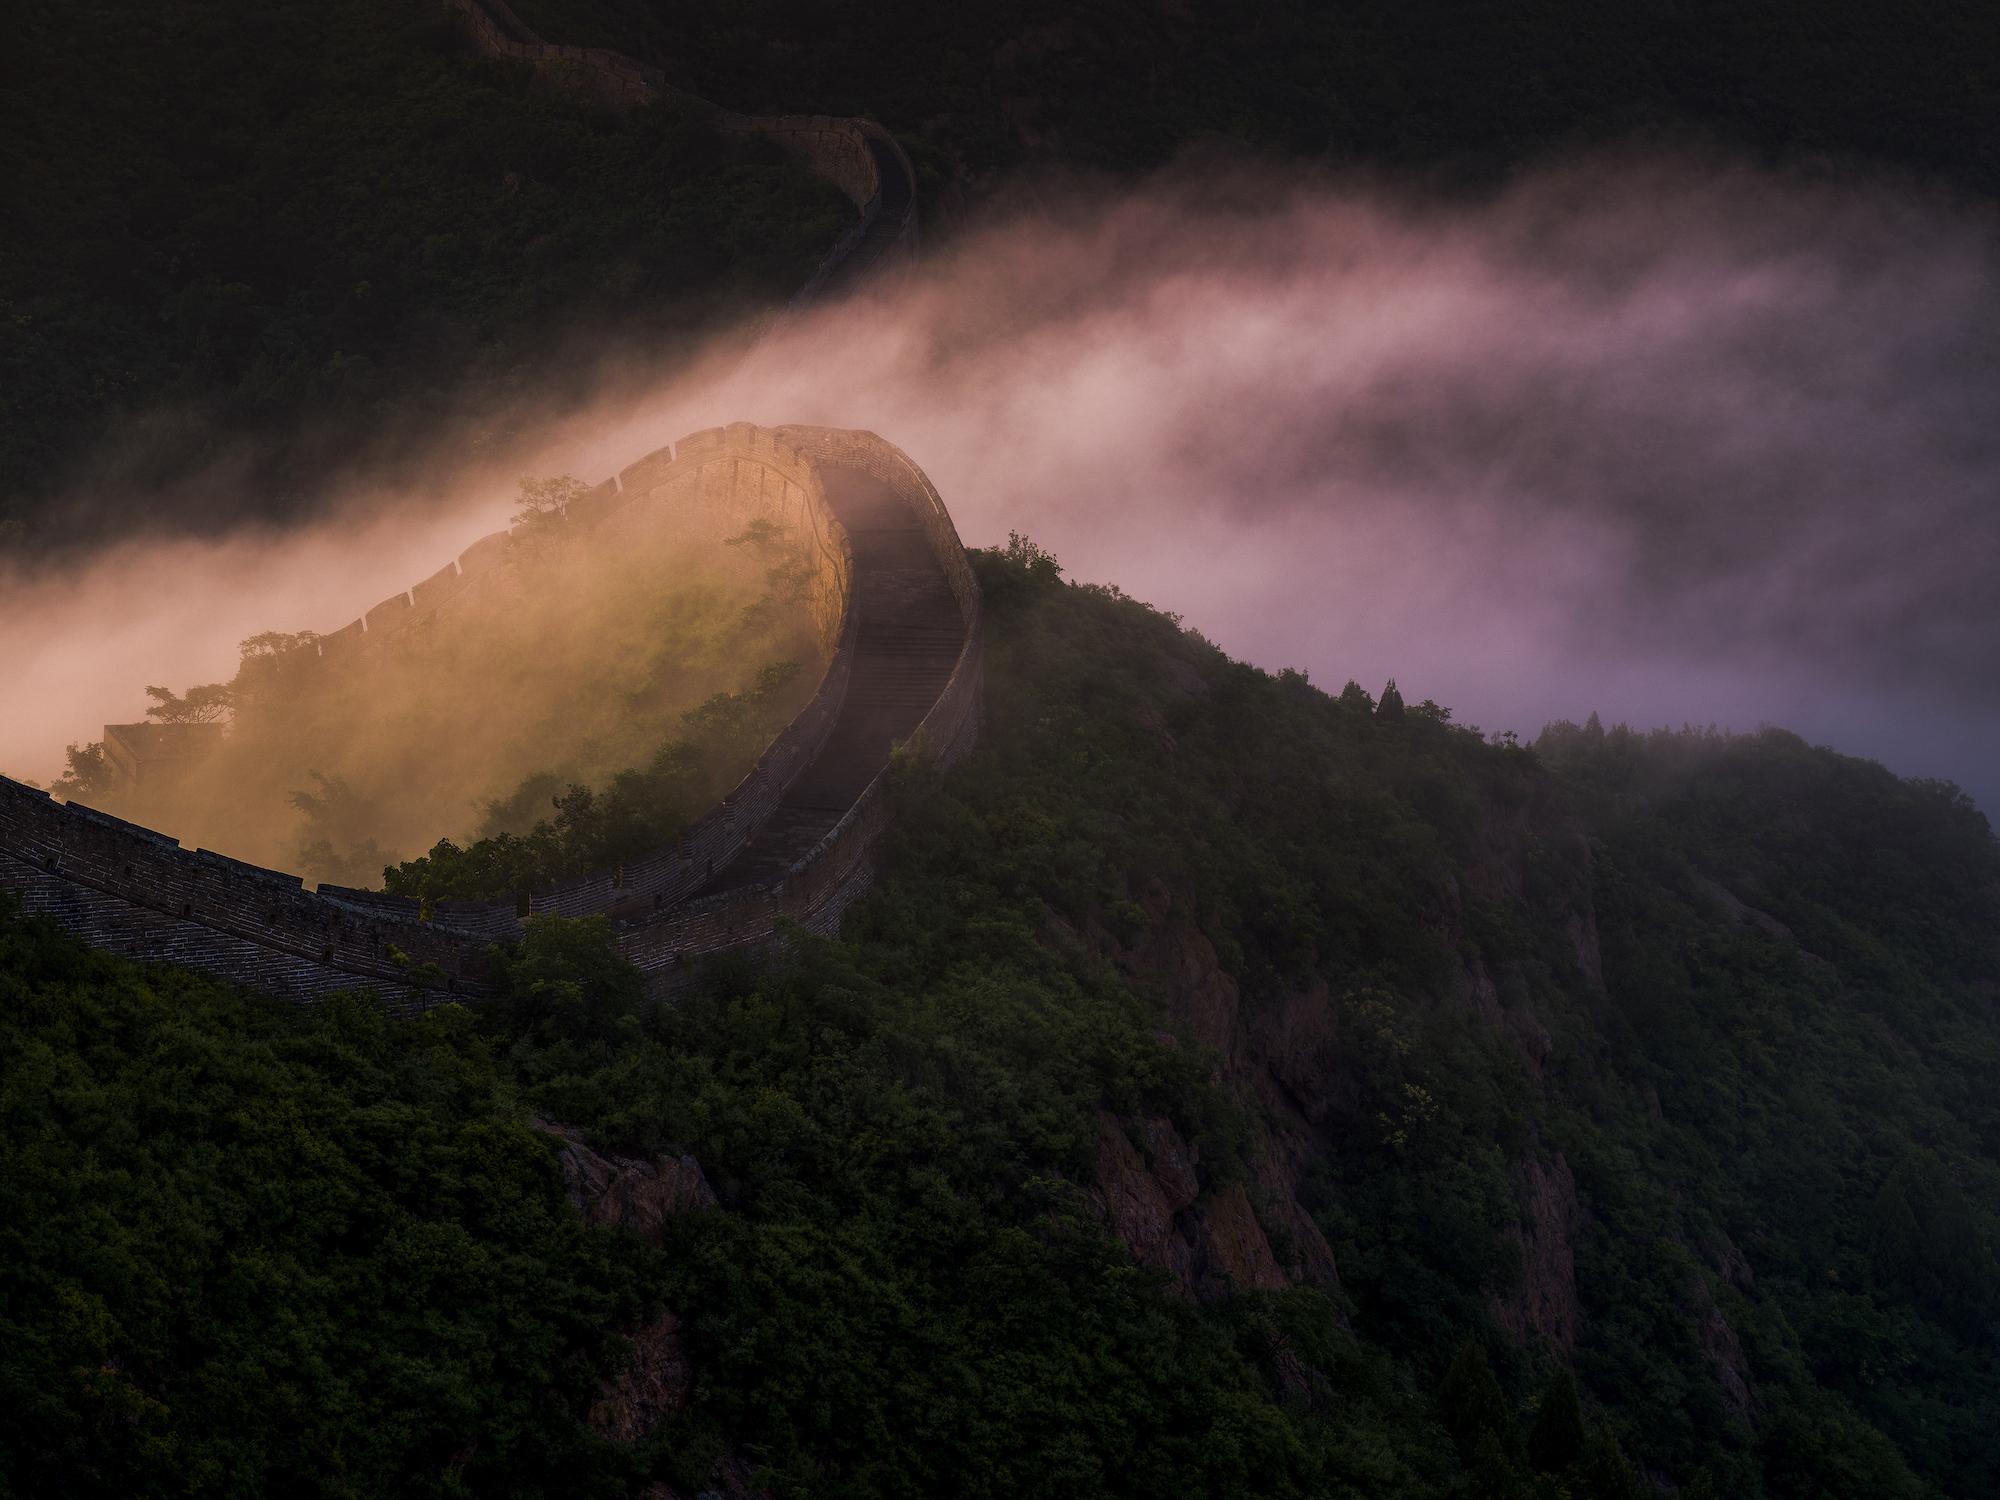 杨东 | 长城上,没有一刻风景不值得等待